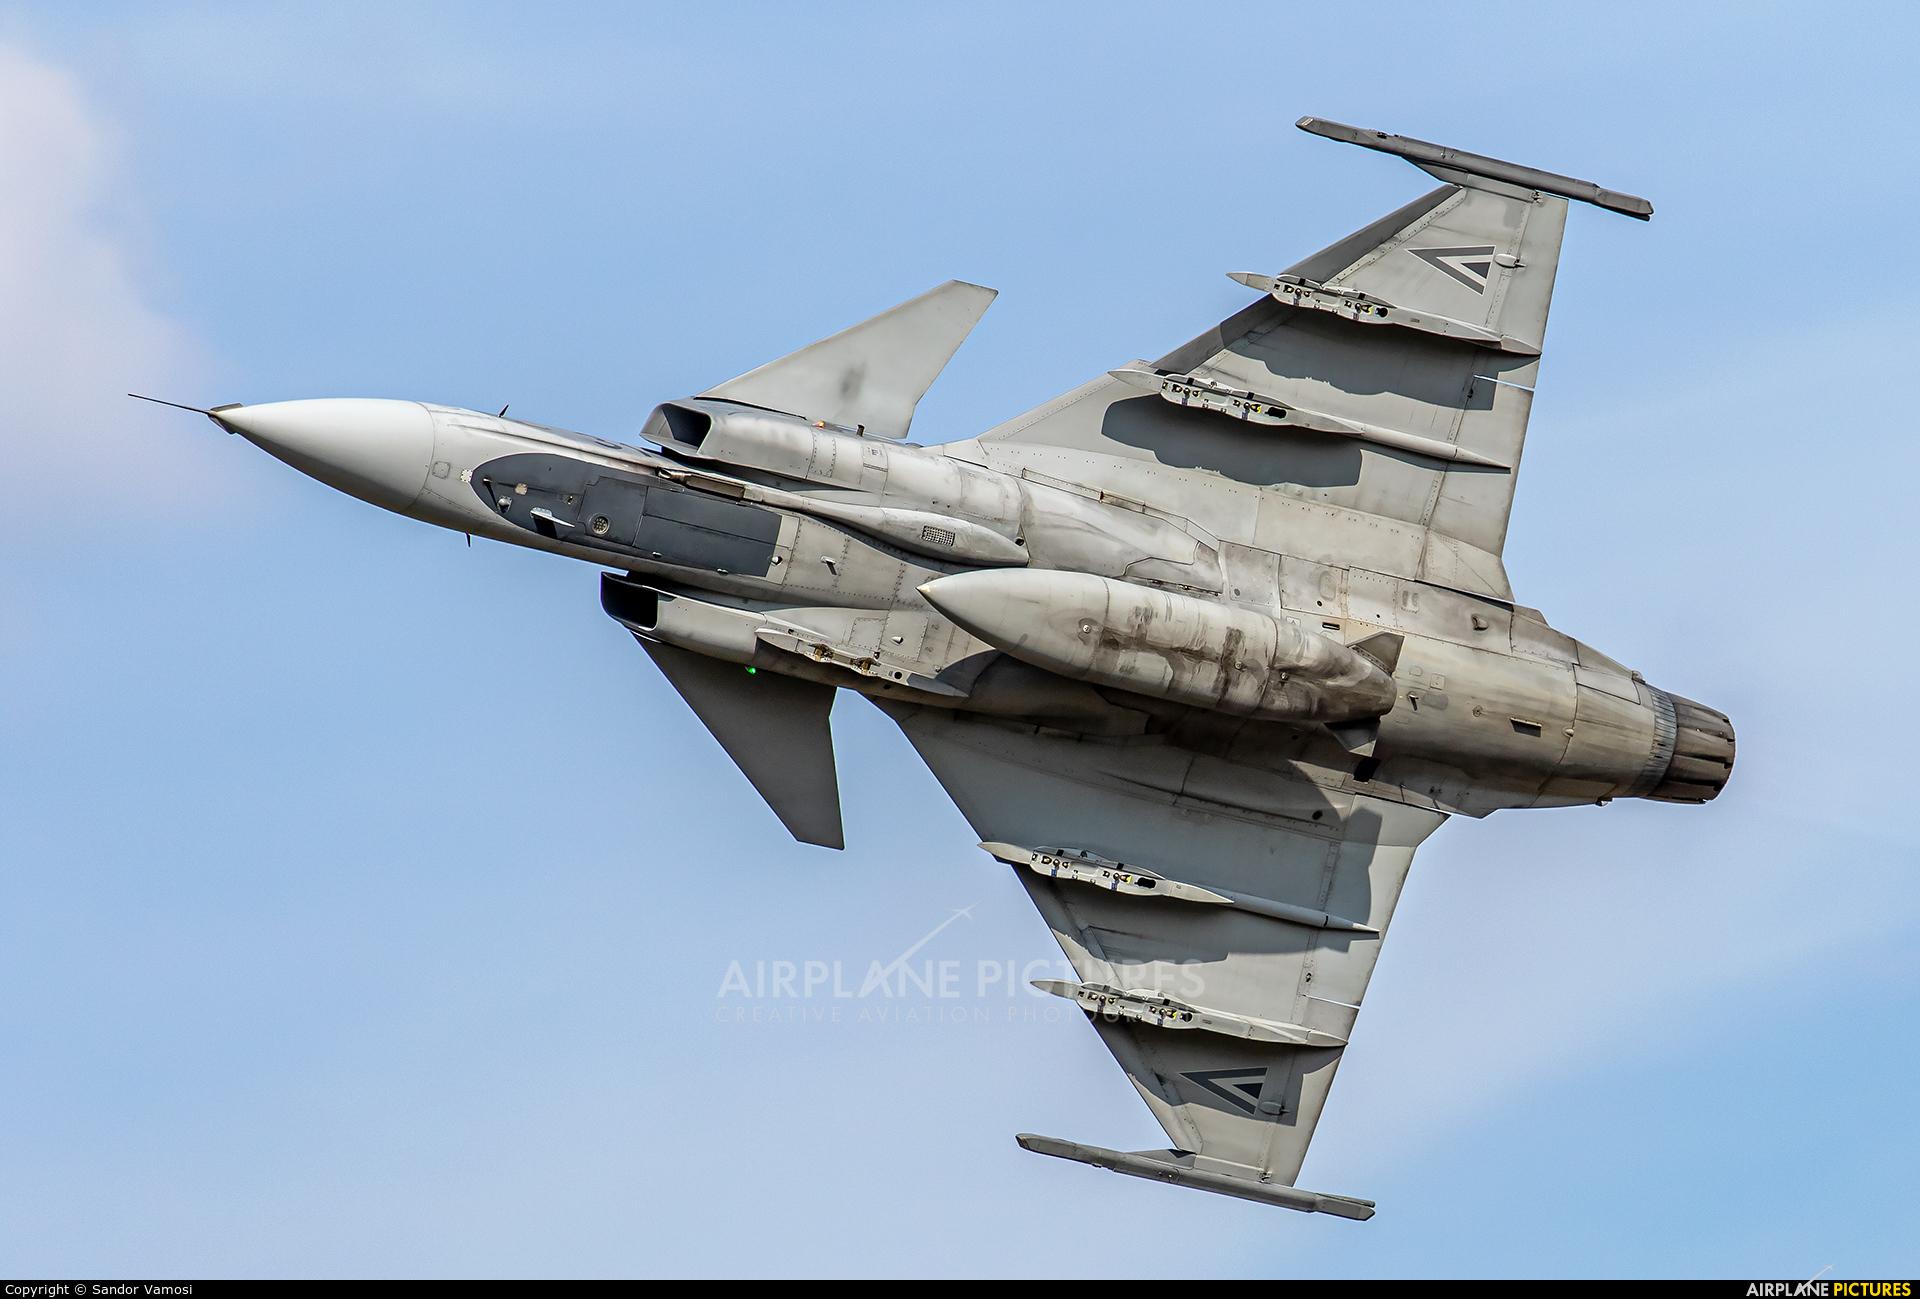 Hungary - Air Force 31 aircraft at Kecskemét